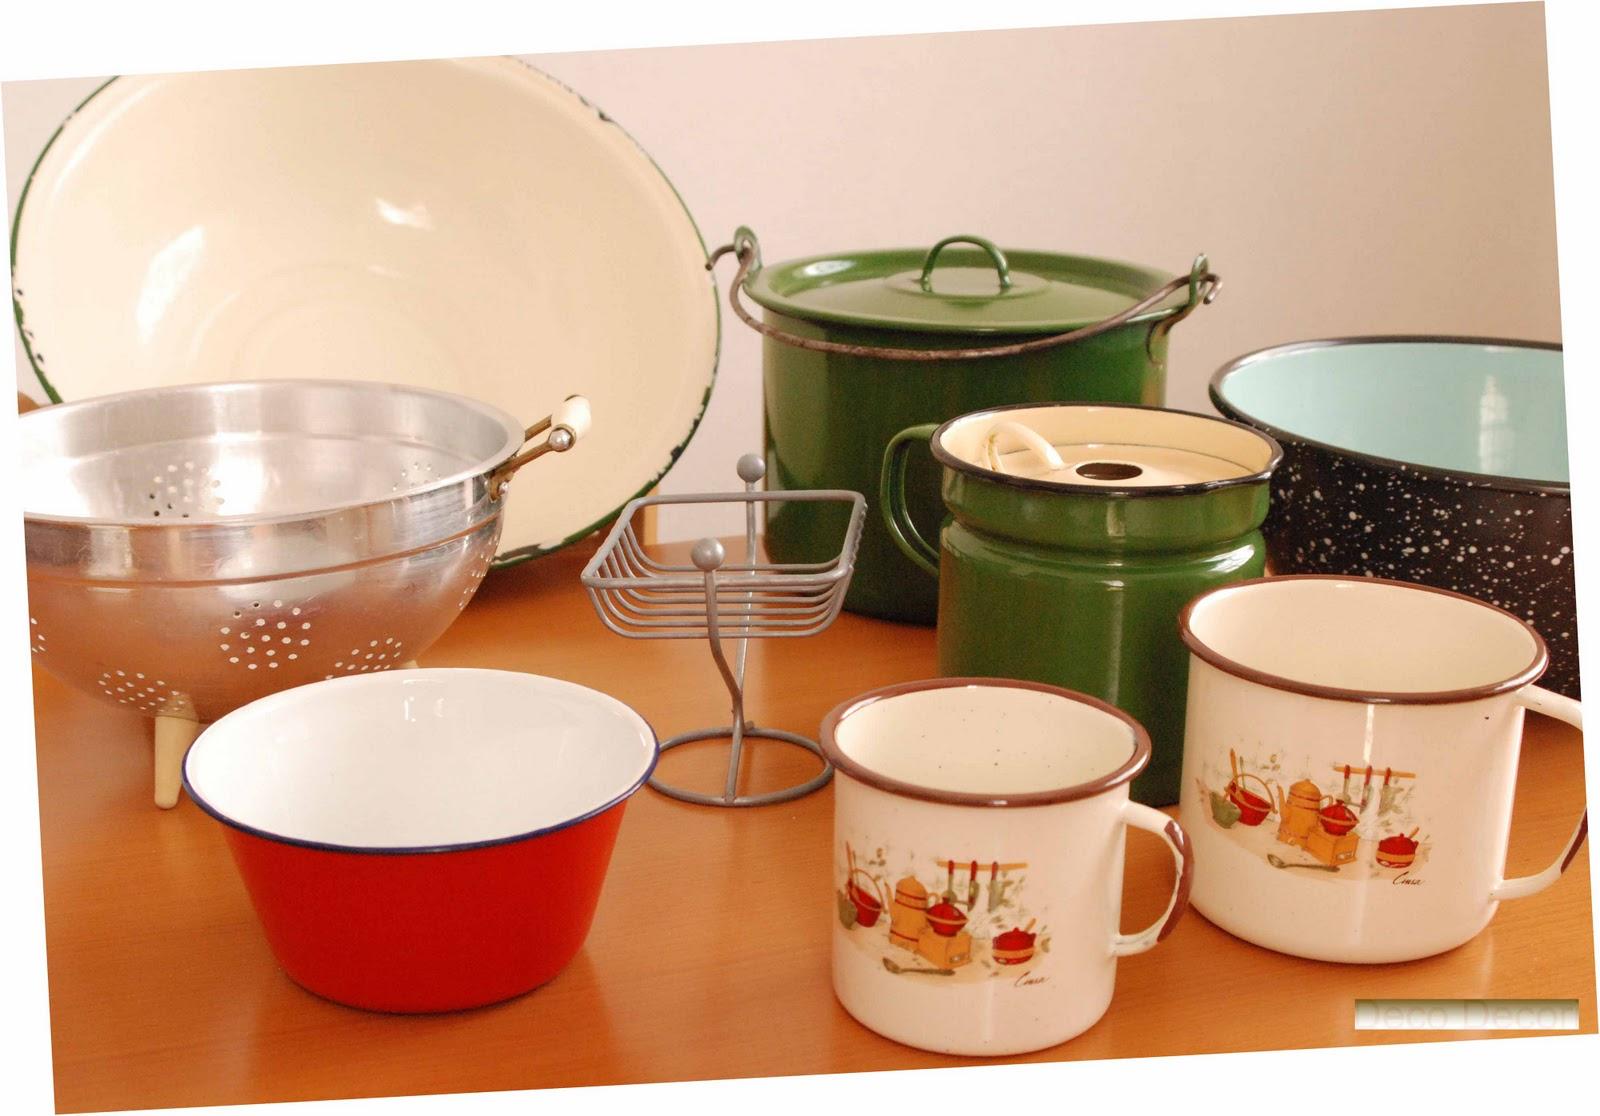 Articulos de cocina enlozados for Articulos para la cocina originales